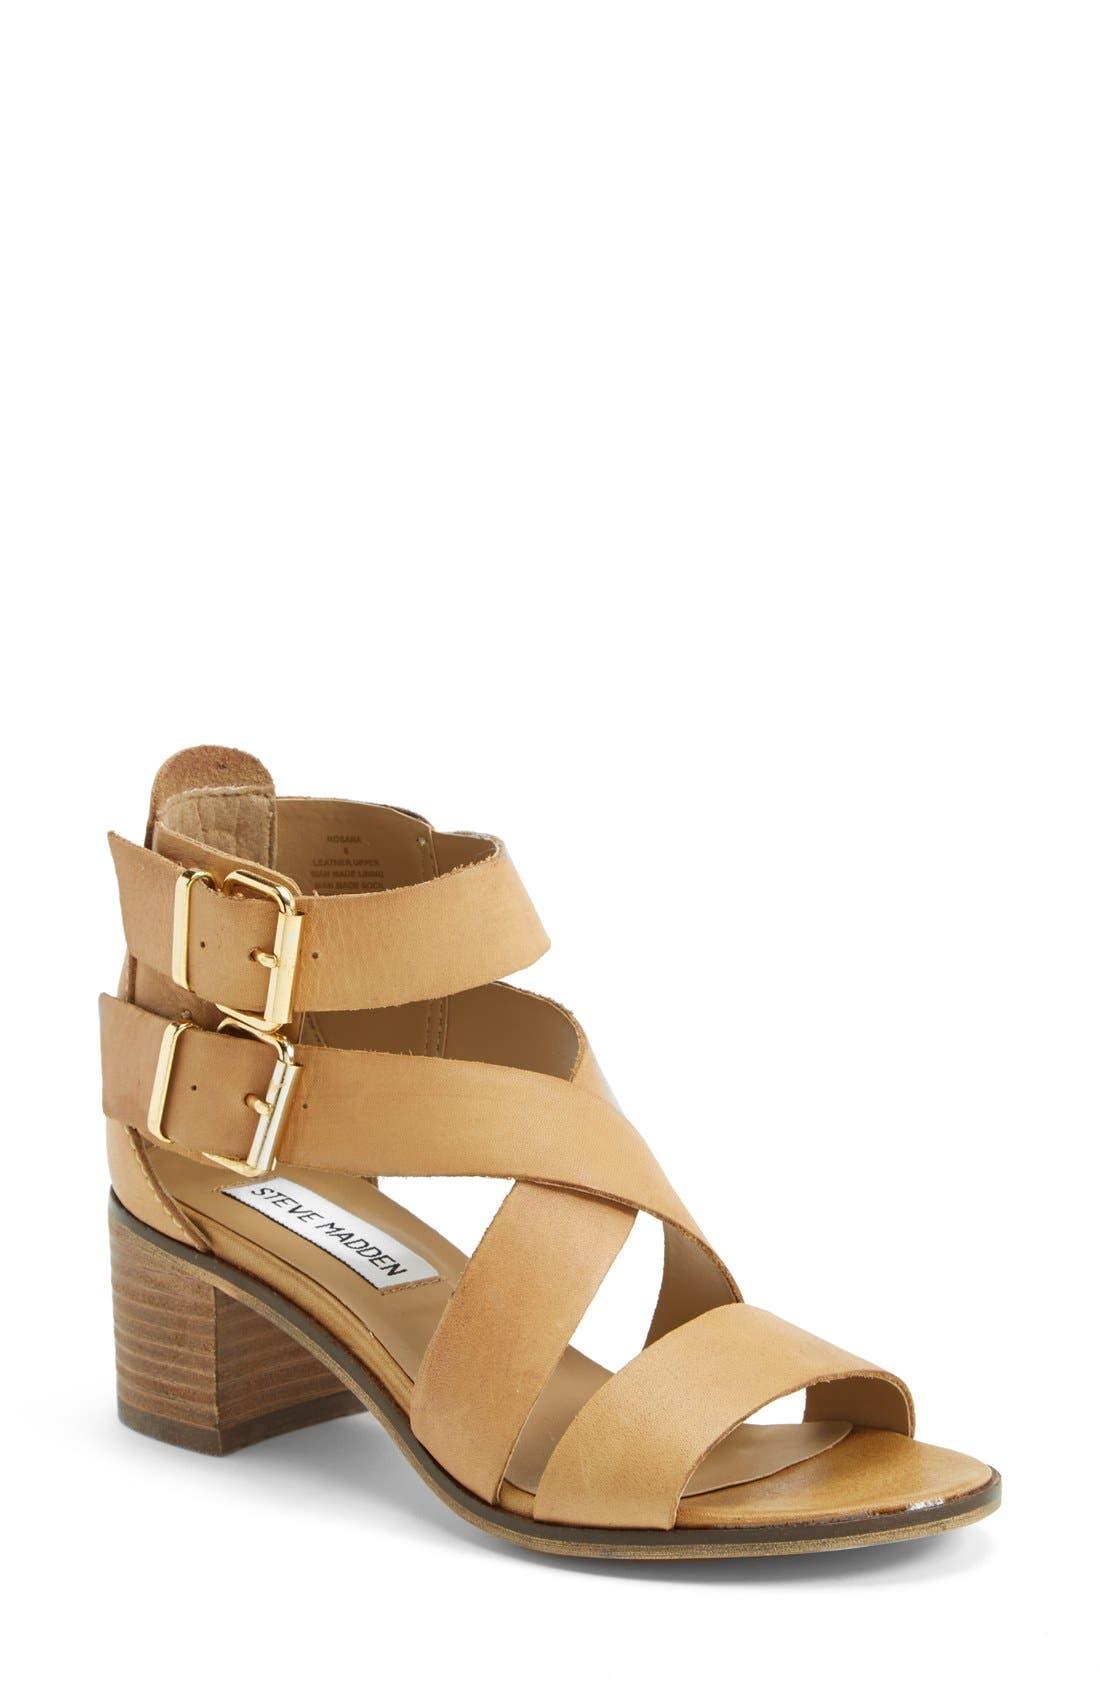 Main Image - Steve Madden 'Rosana' Double Ankle Strap Leather Sandal (Women)